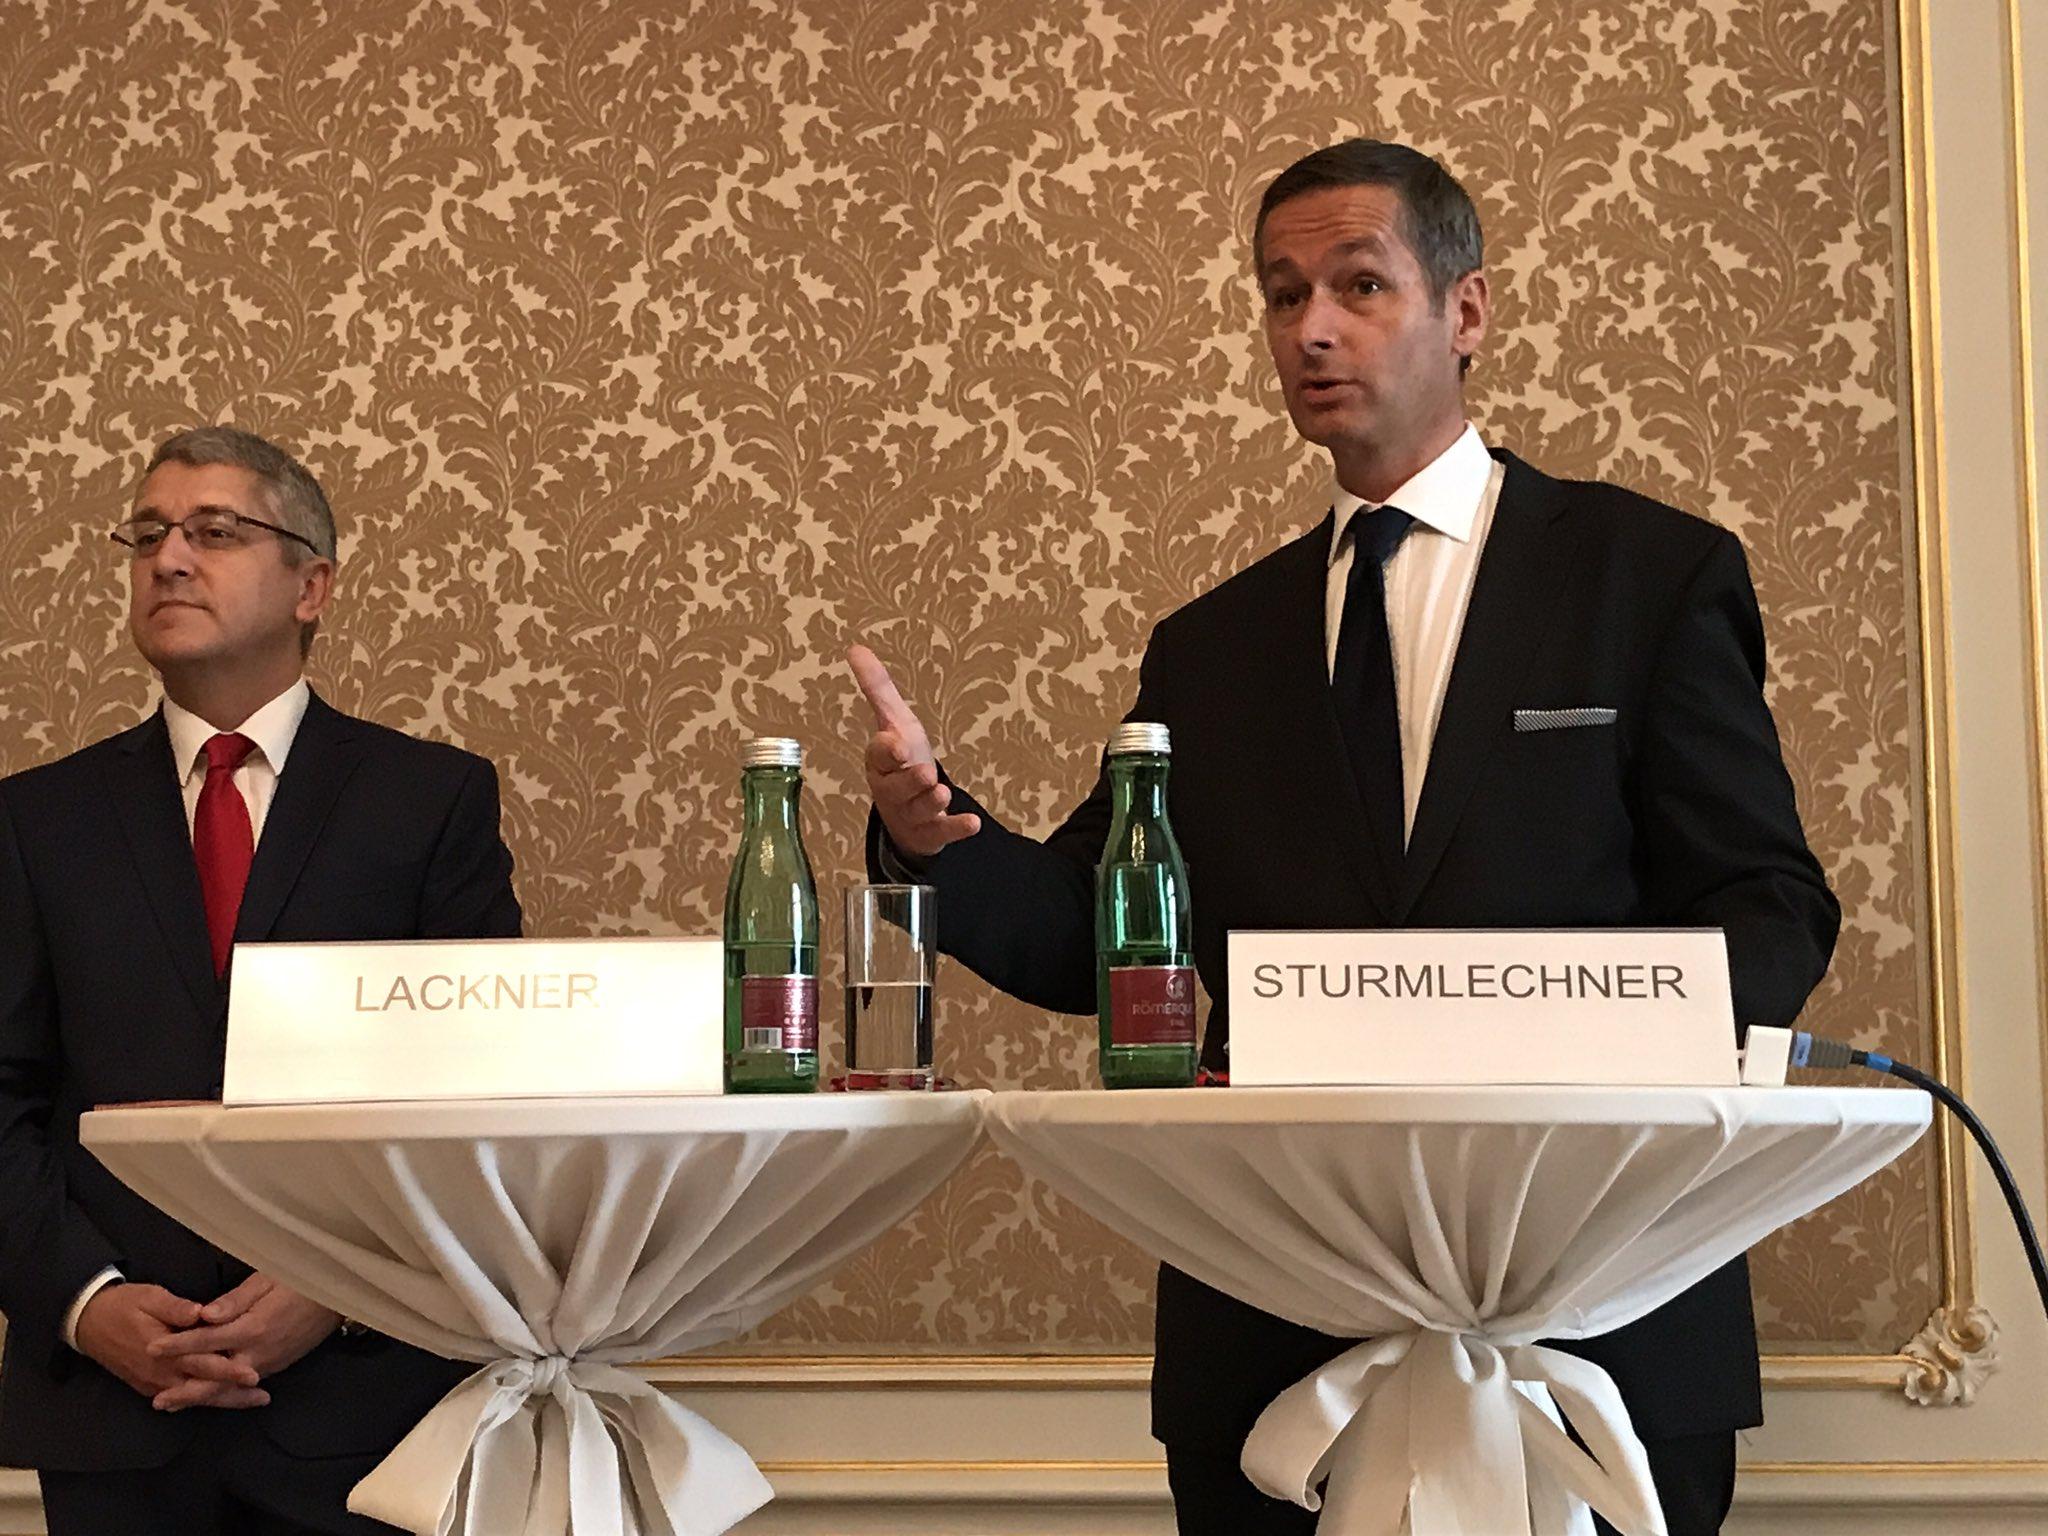 Die Europäische Reiseversicherung wurde 1907 gegründet, wie Andreas Sturmlechner im Rückblick erzählt. #erv110 https://t.co/Kroc2ev6Dz